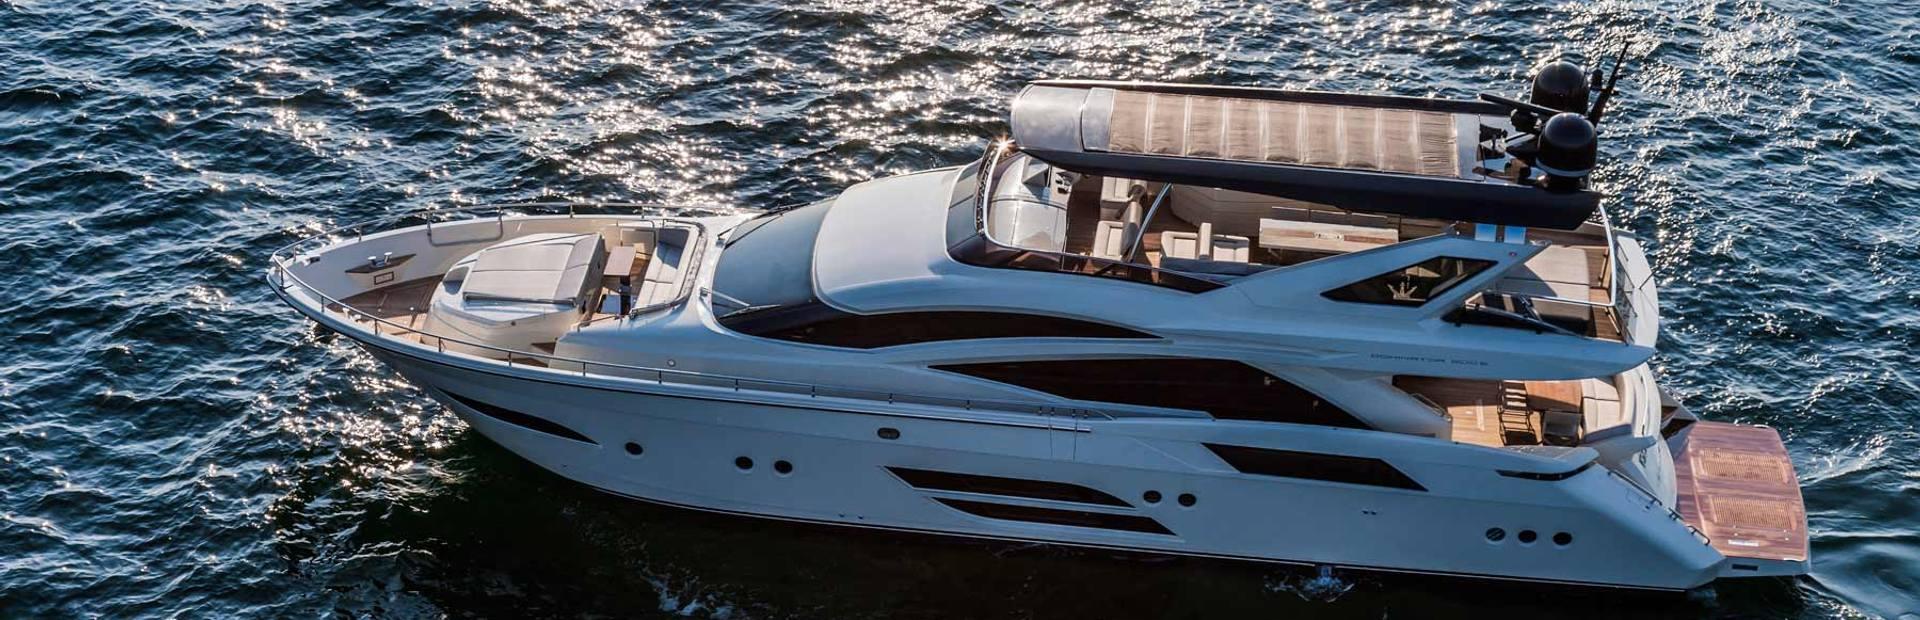 Dominator 800 Yacht Charter